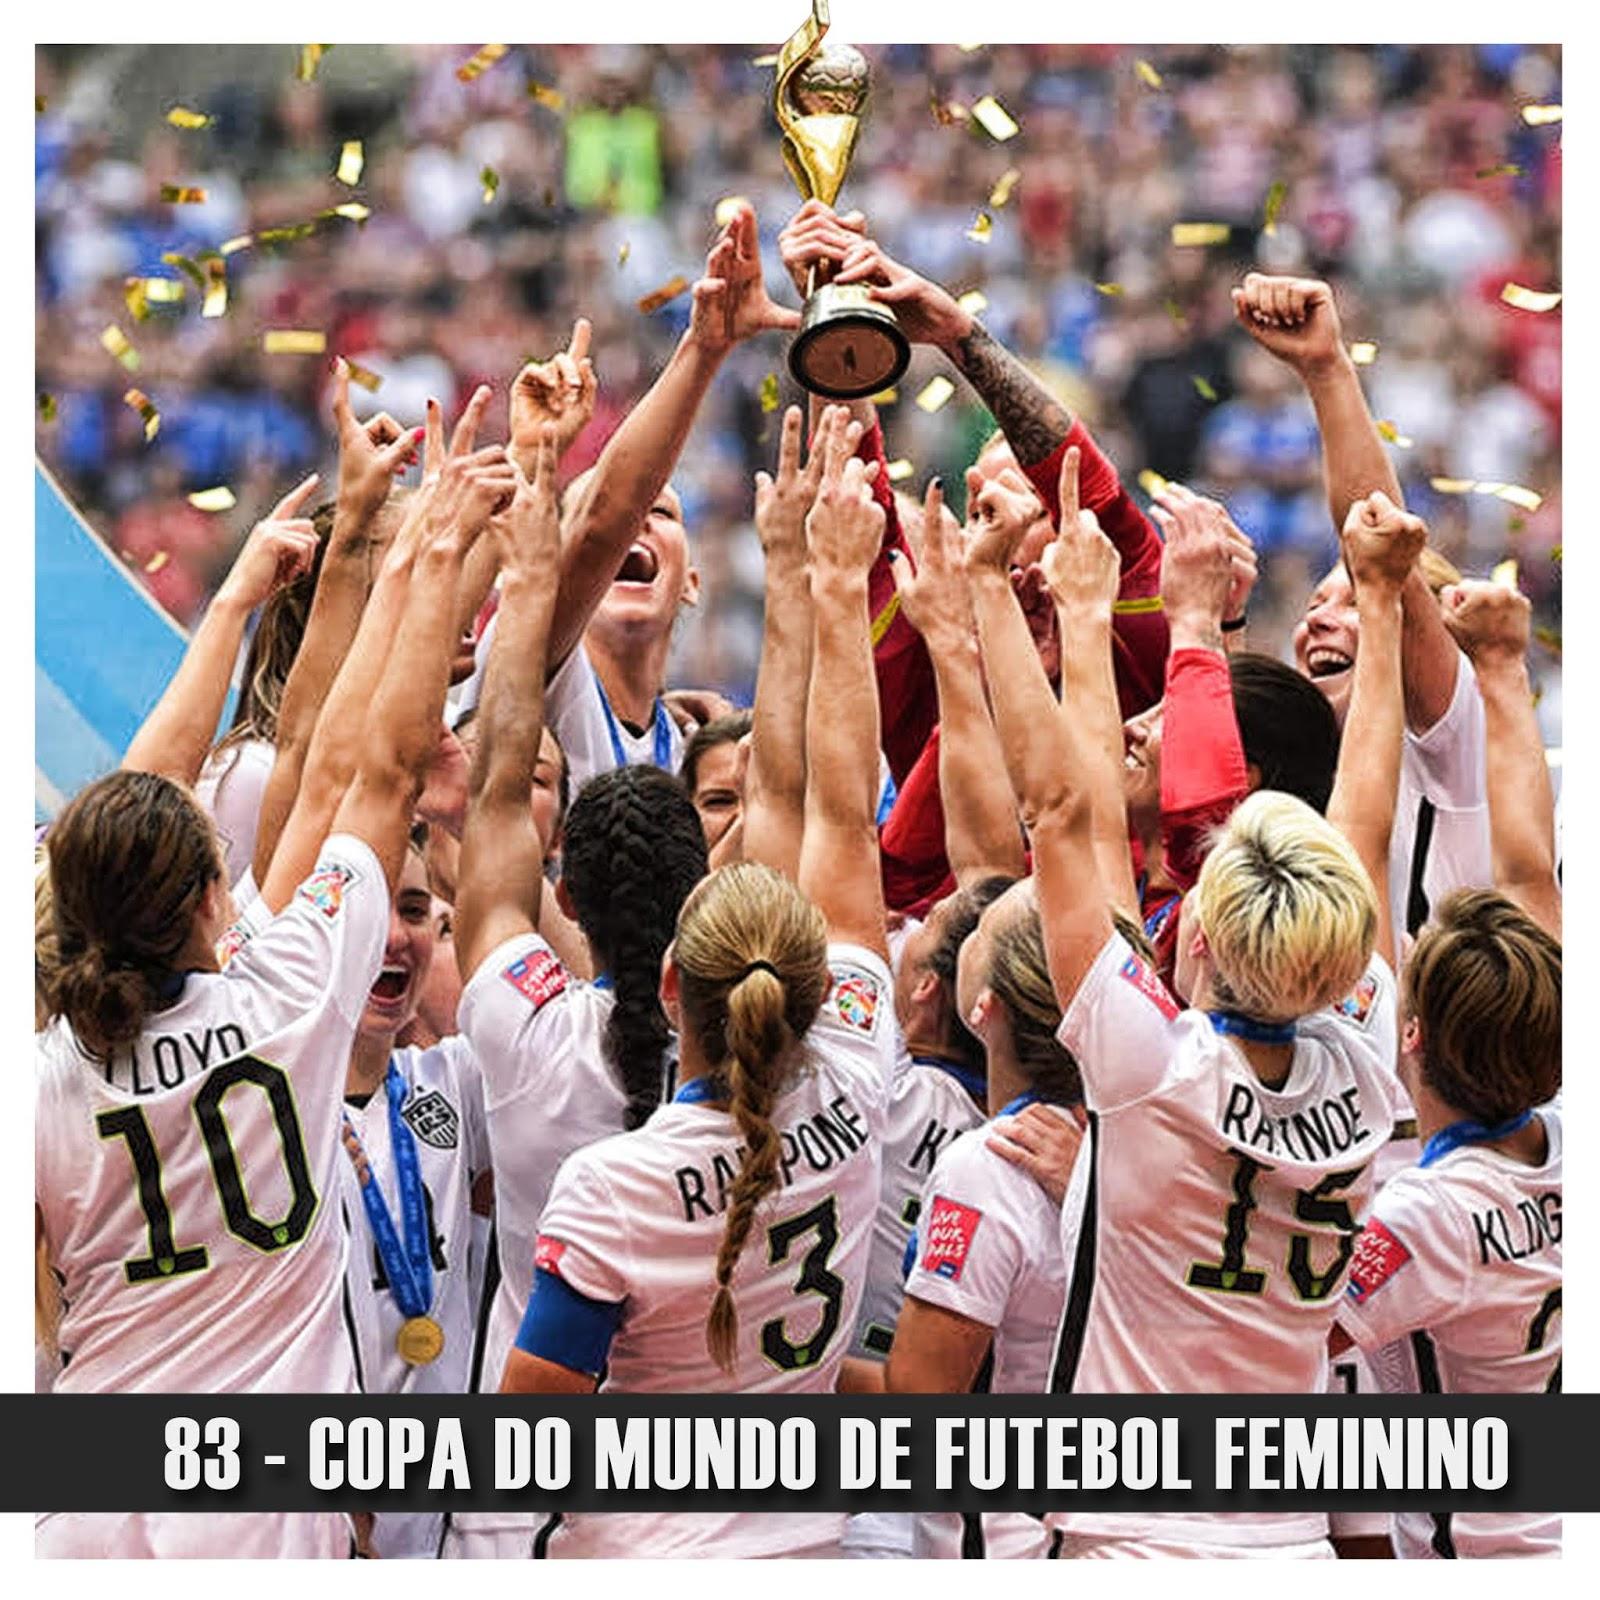 Doublecast 83 - Copa do Mundo de Futebol Feminino